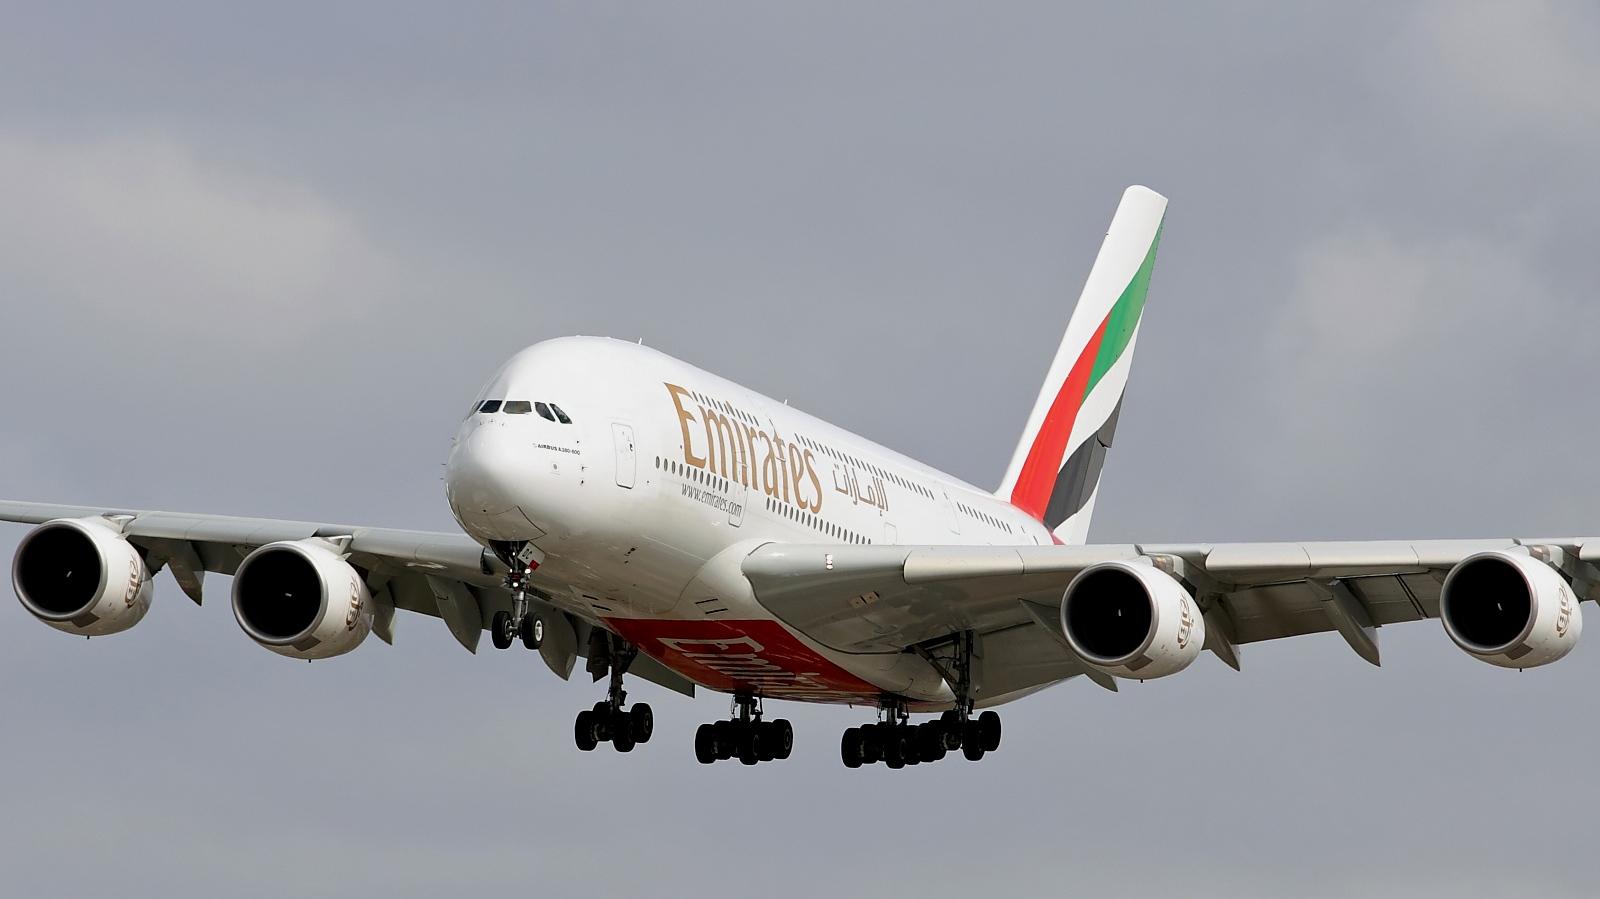 http://1.bp.blogspot.com/_ja676MG45Zg/TQFjh7kuOBI/AAAAAAAAEvc/0wp0SwakXXY/s1600/emirates-a380-2.jpg